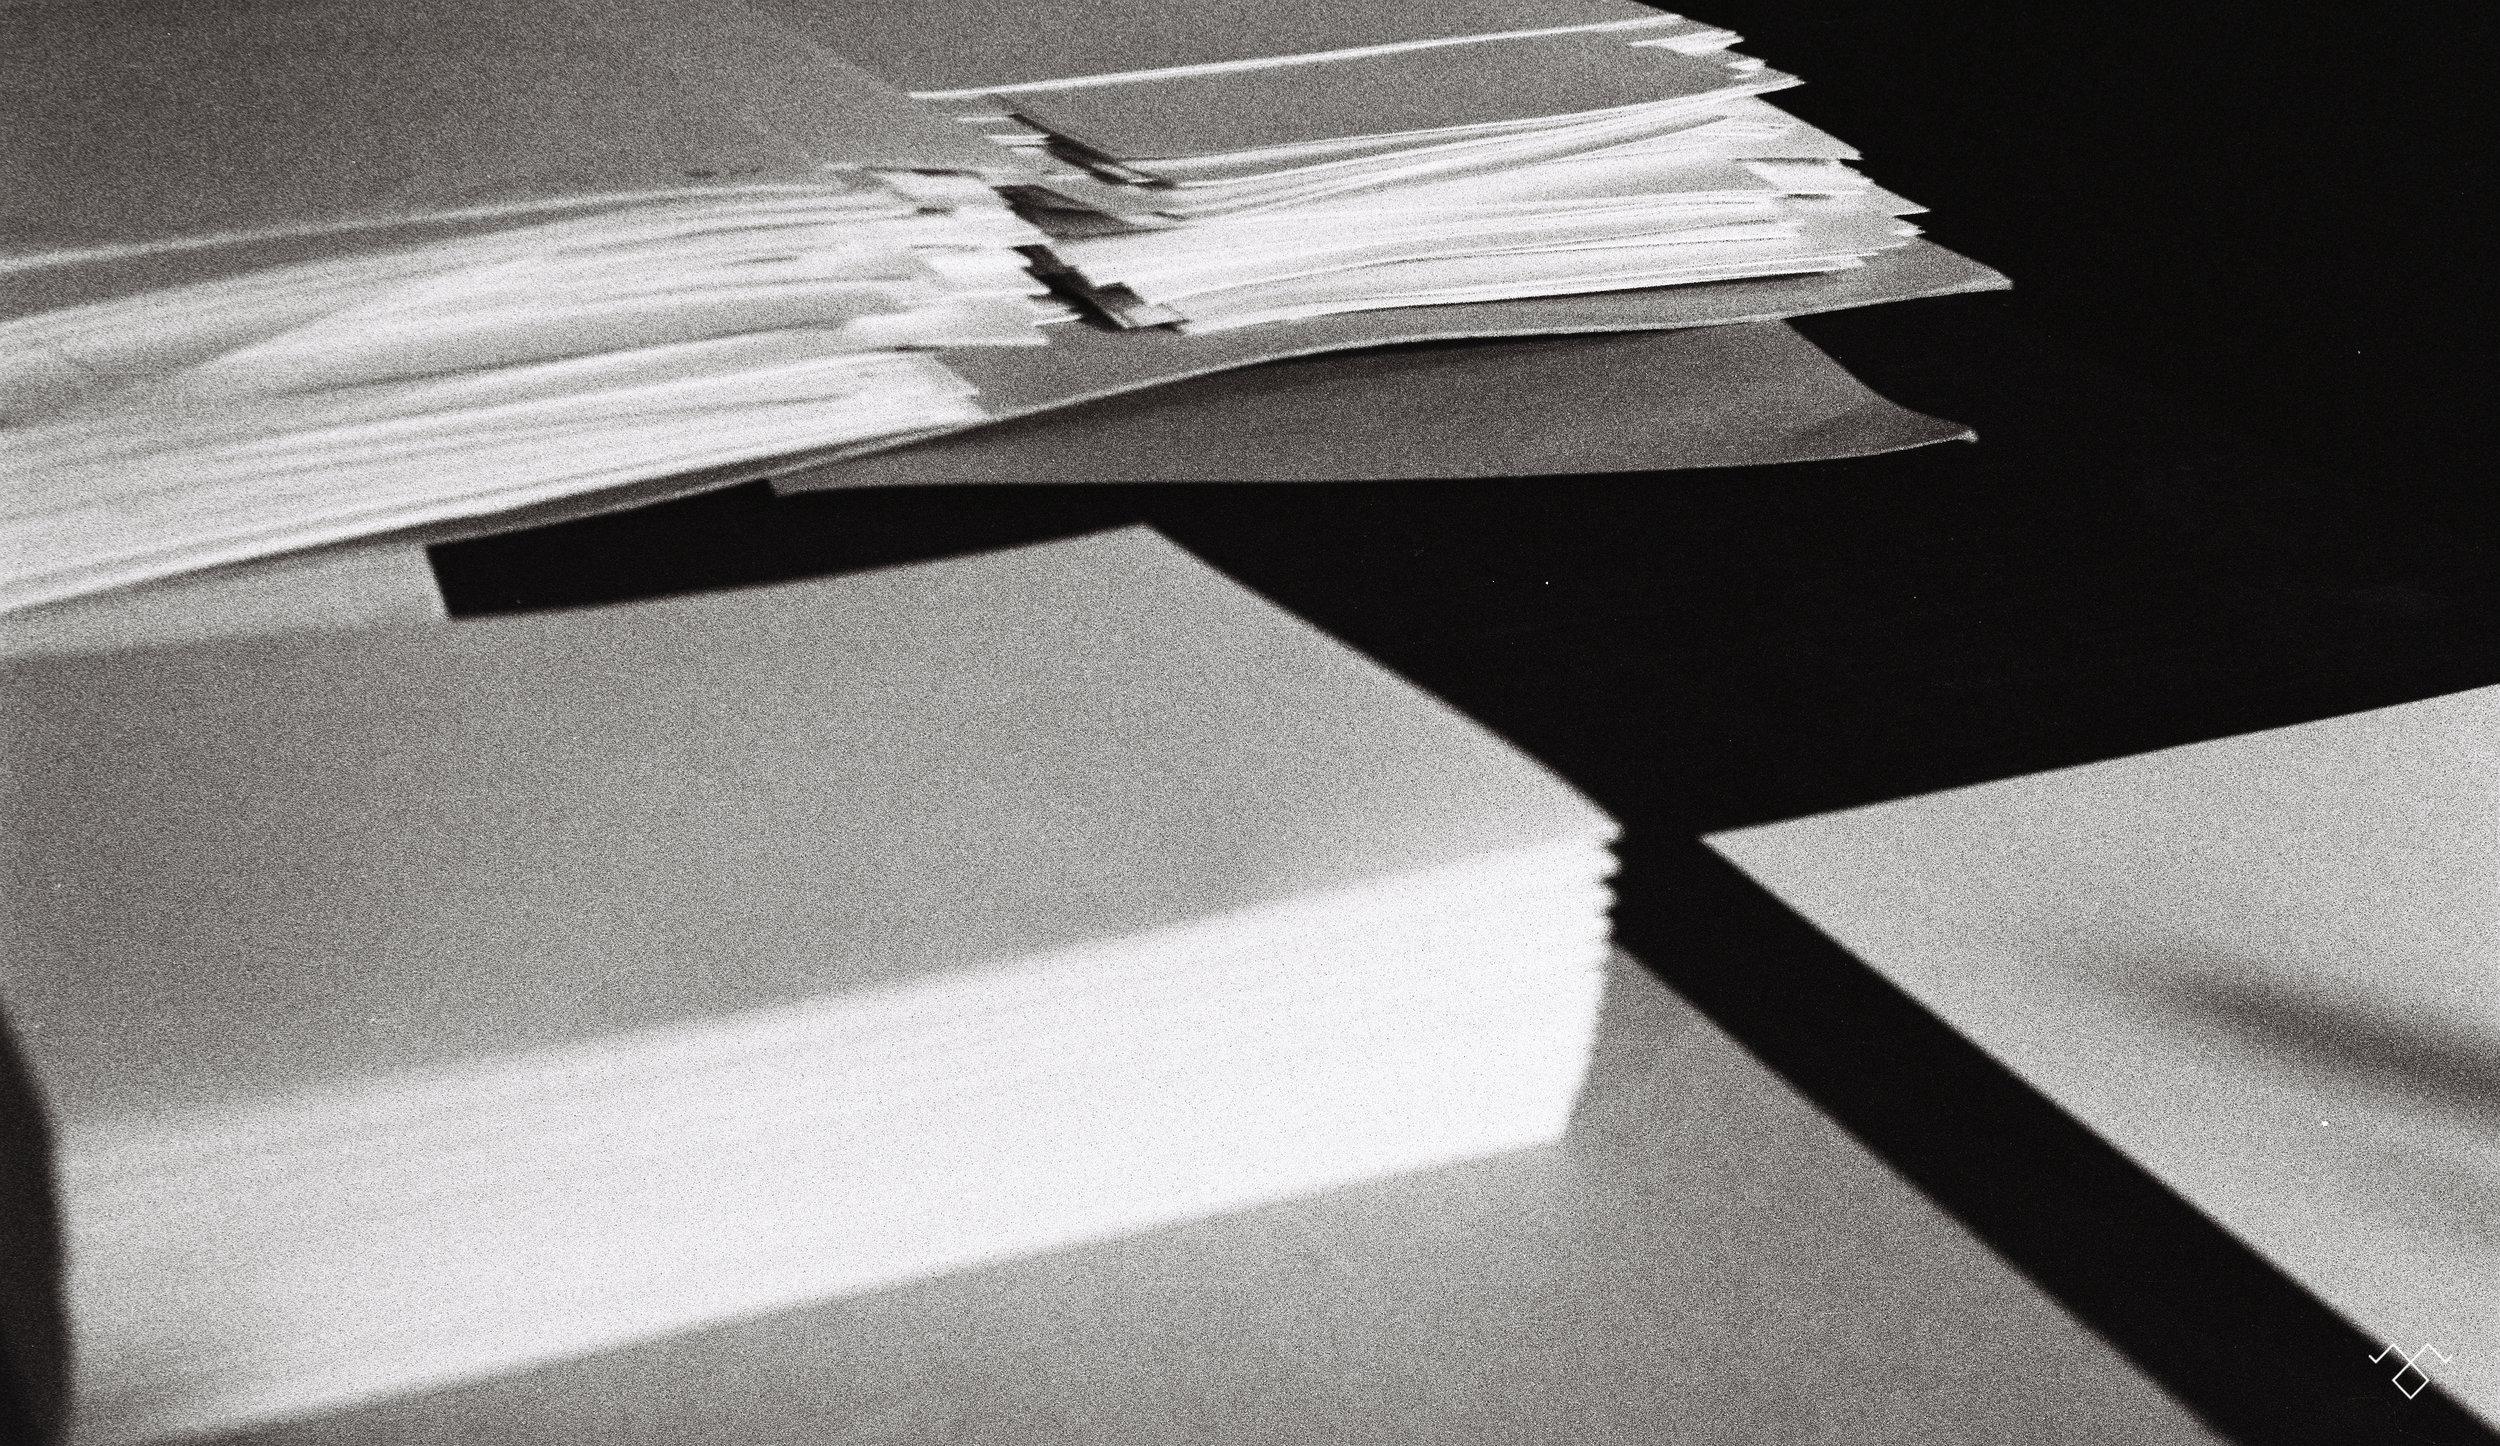 Préparation des cahiers